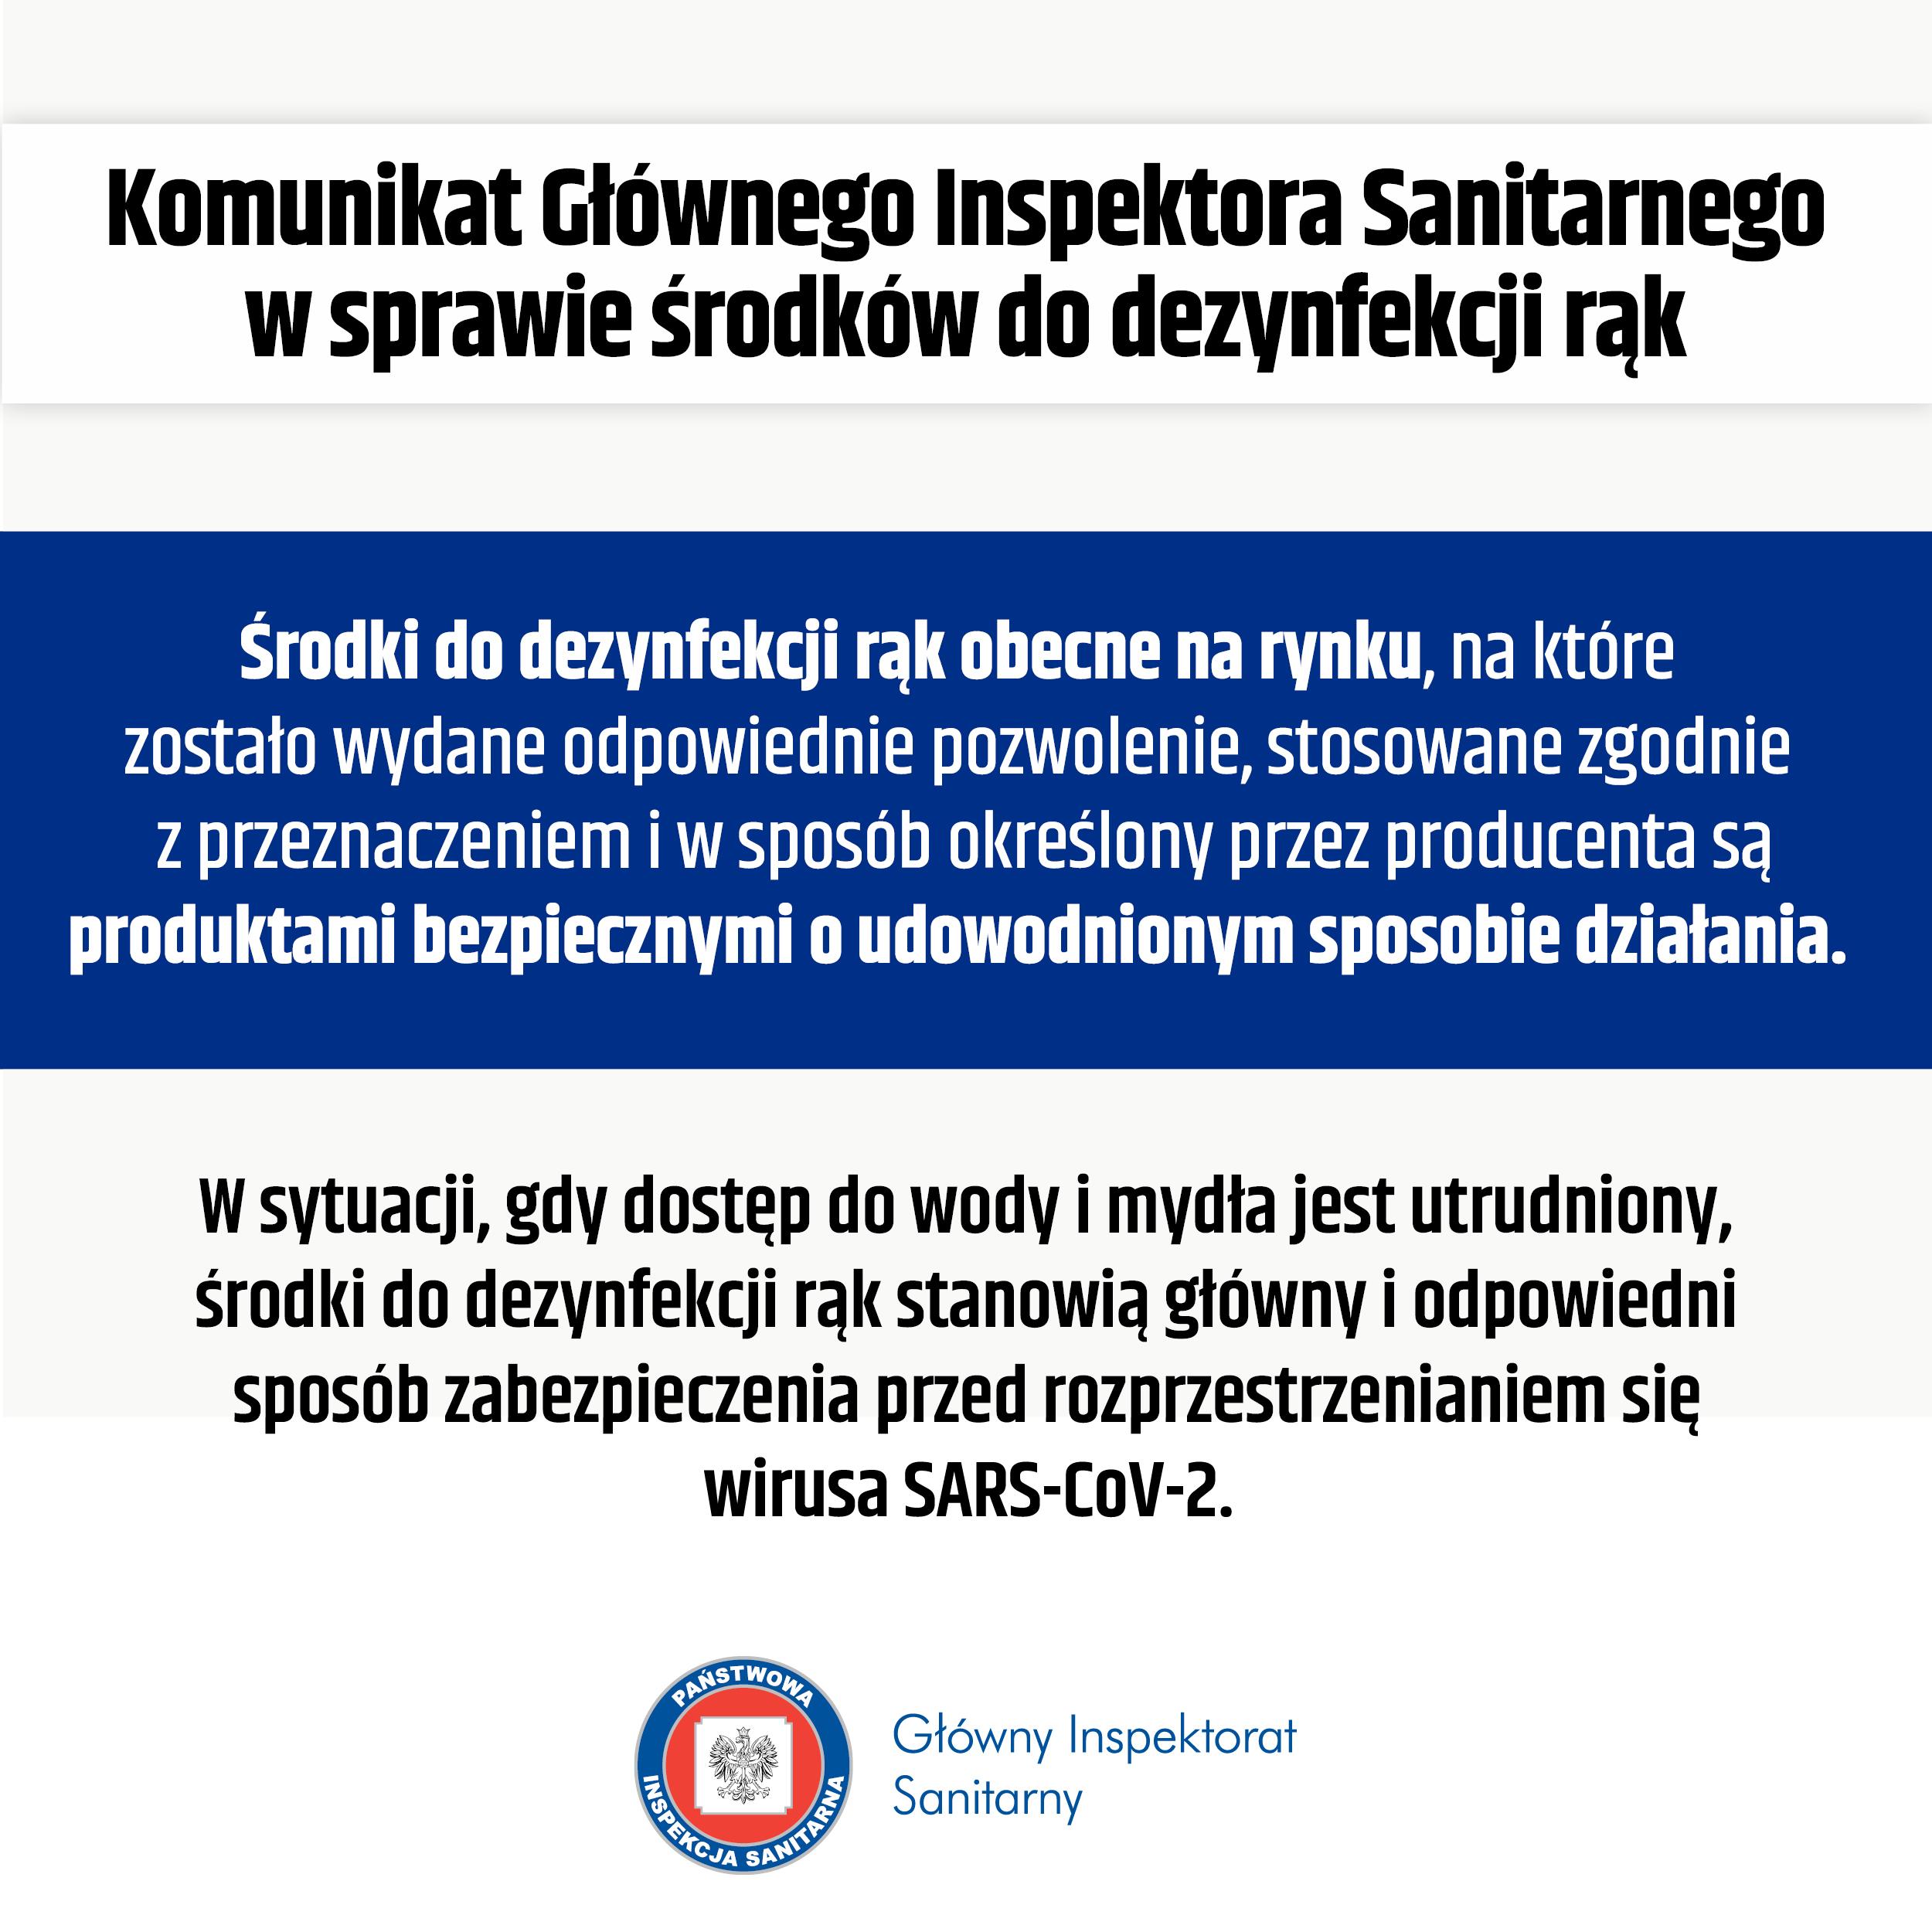 Komunikat Głównego Inspektora Sanitarnego w sprawie środków do dezynfekcji rąk